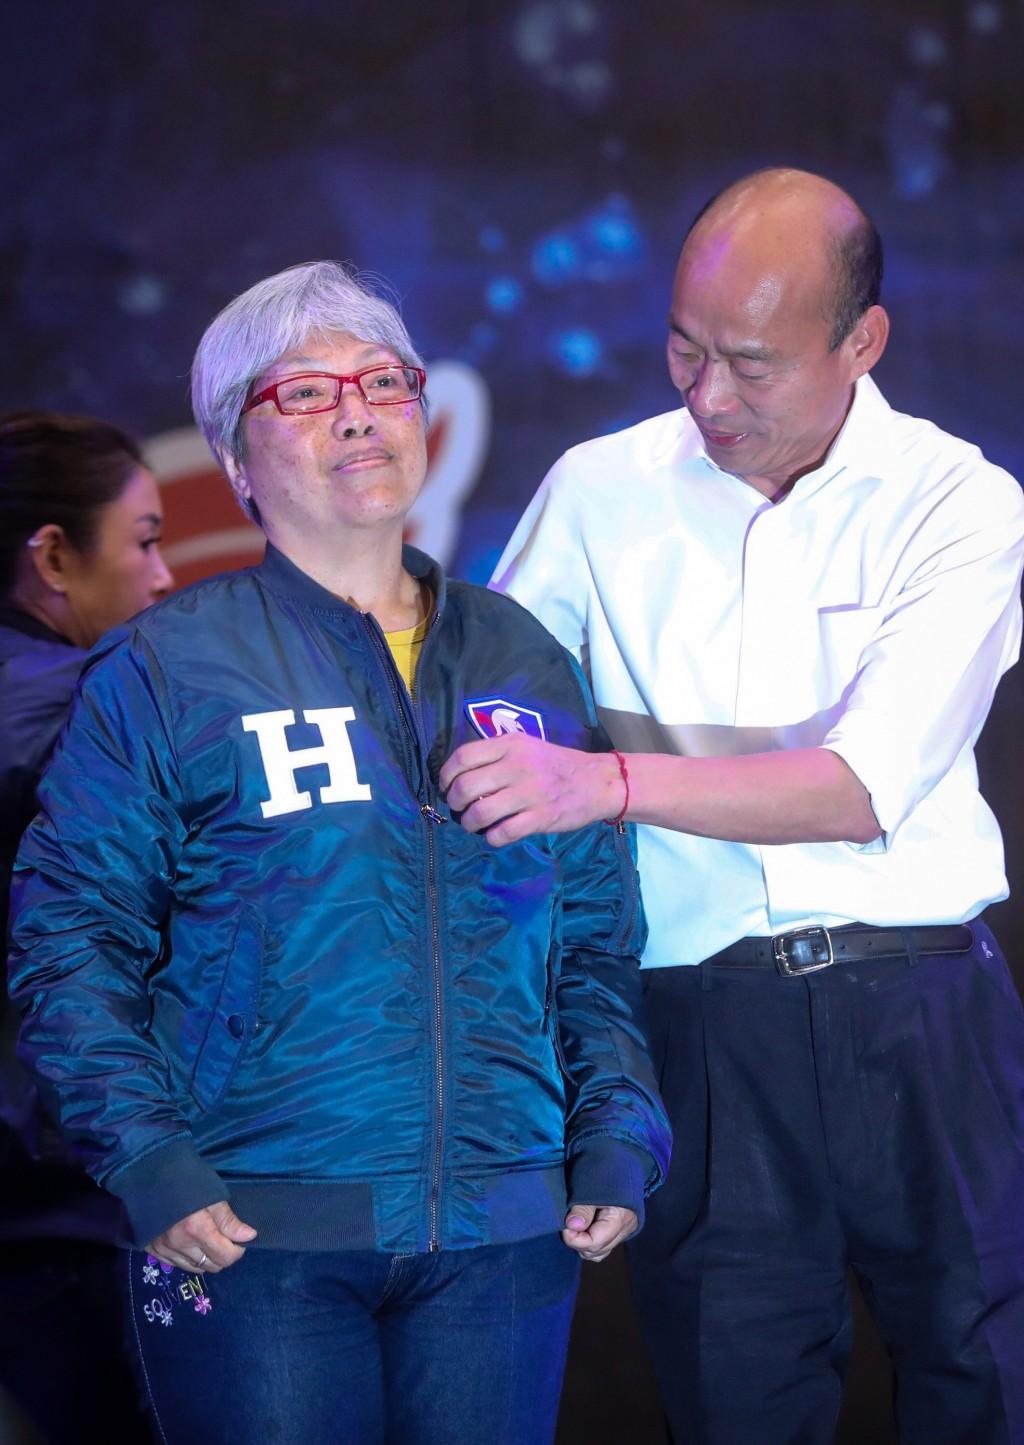 韓國瑜拍賣「原味」鋼鐵夾克 韓粉砸100萬得標